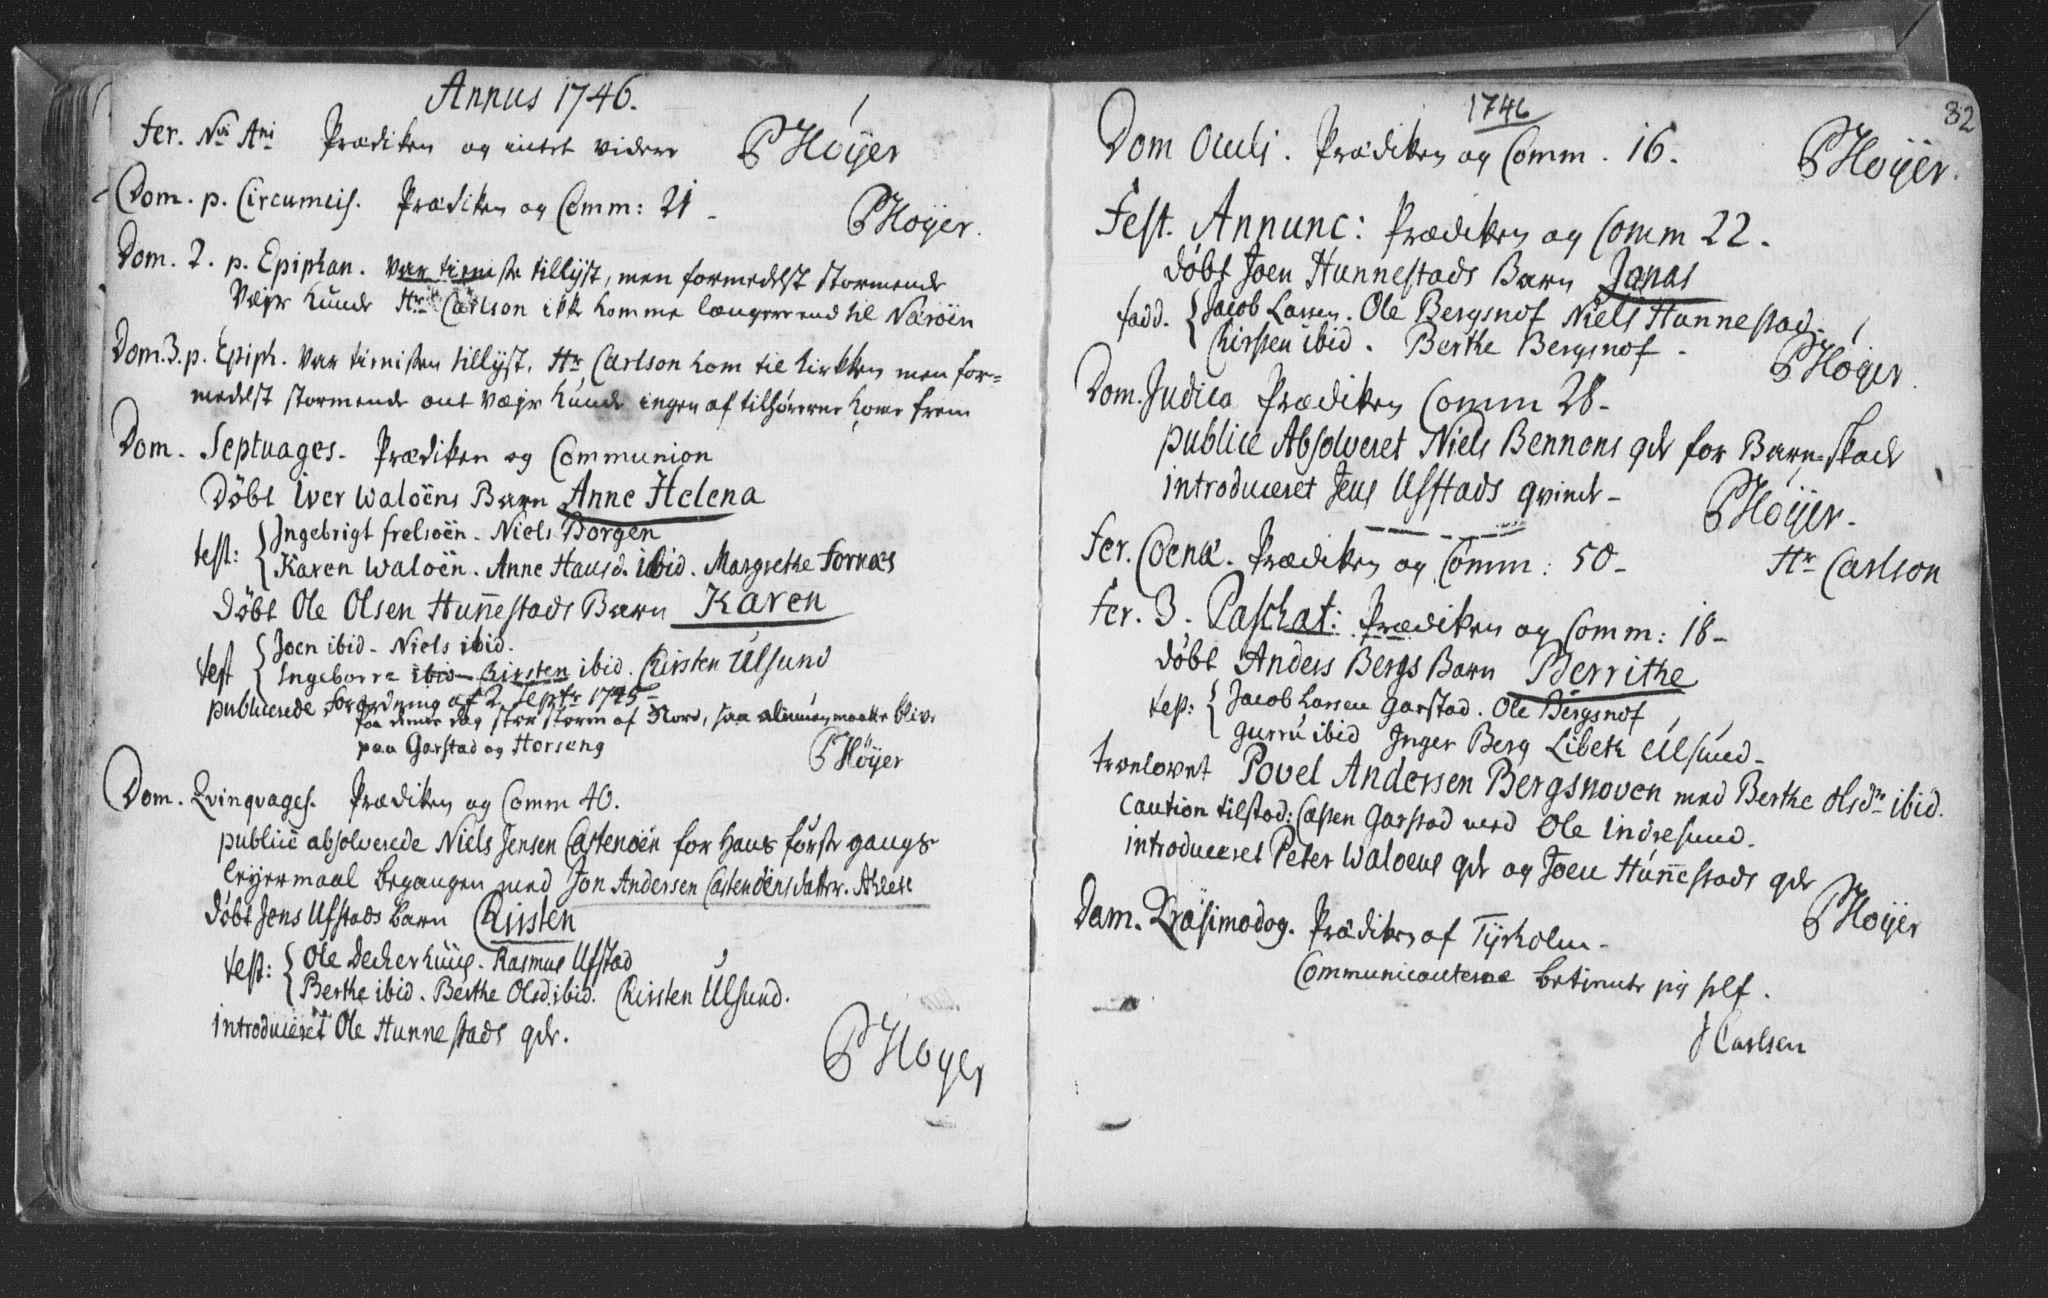 SAT, Ministerialprotokoller, klokkerbøker og fødselsregistre - Nord-Trøndelag, 786/L0685: Ministerialbok nr. 786A01, 1710-1798, s. 82